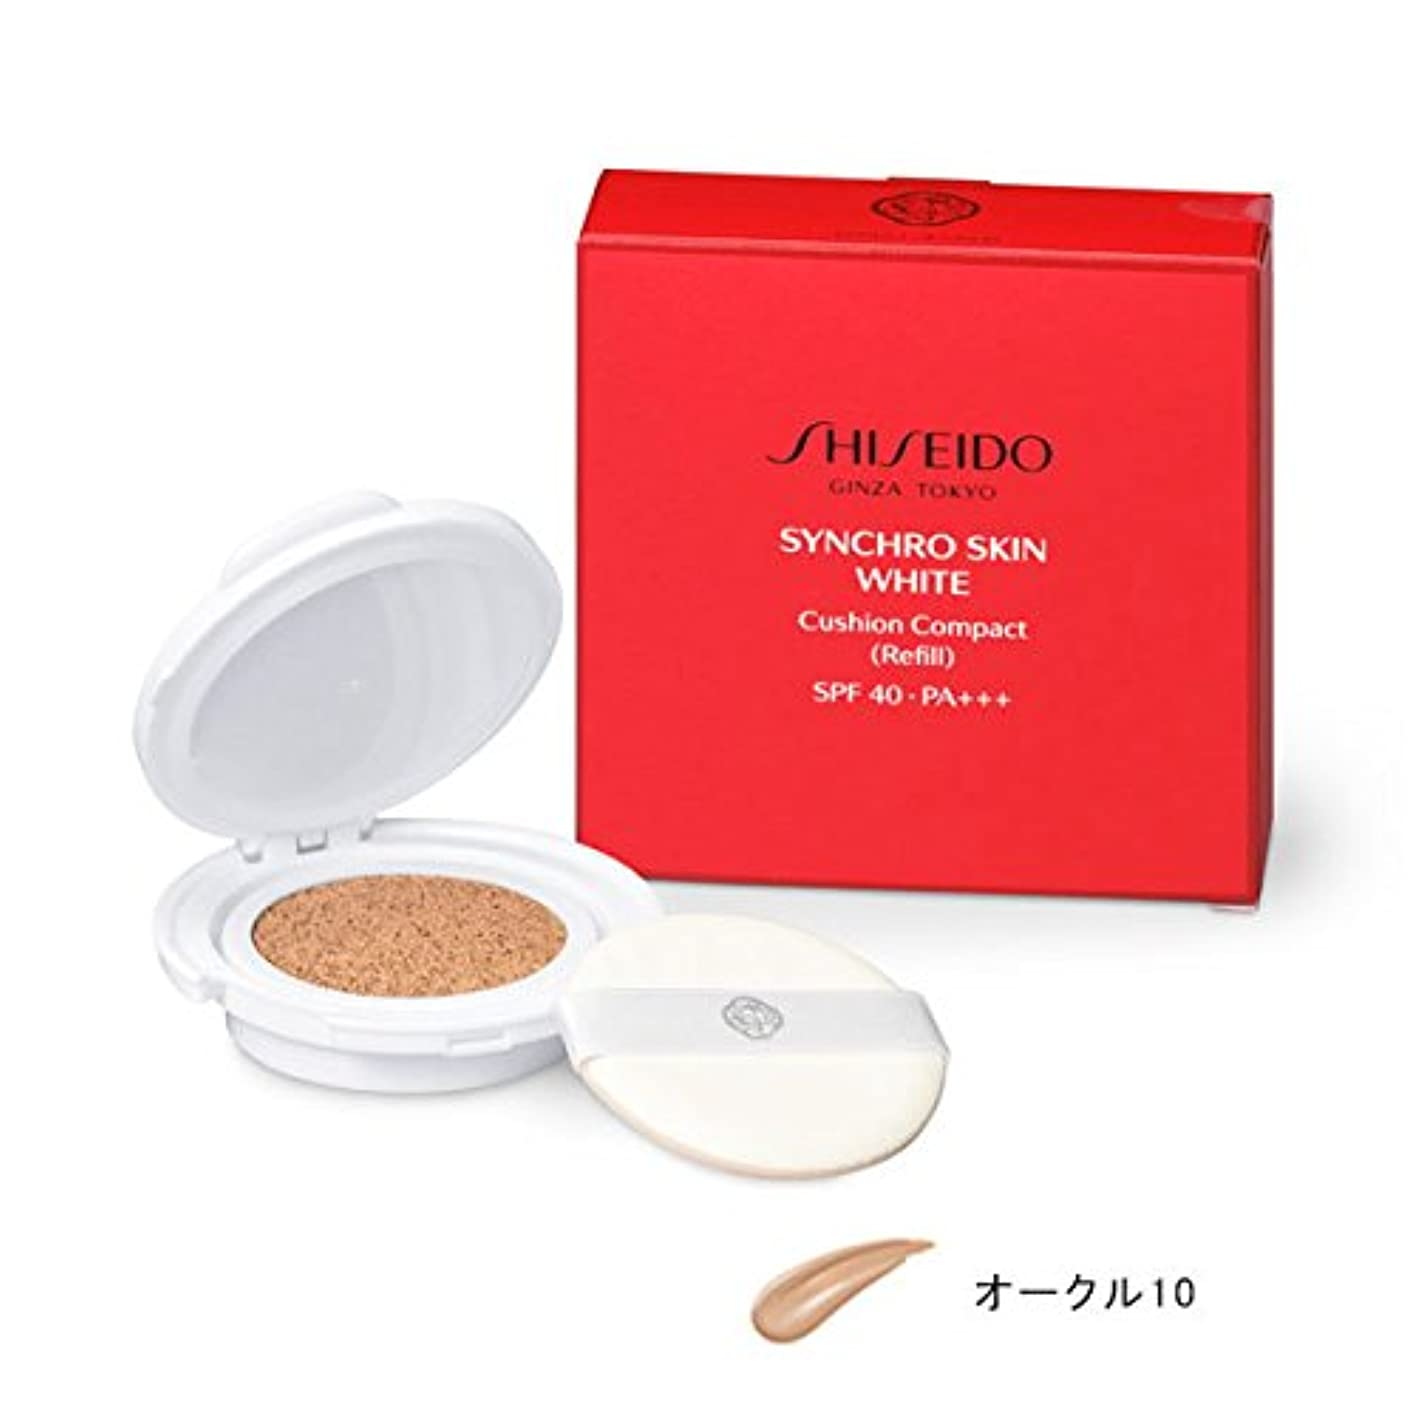 今分岐する吐くSHISEIDO Makeup(資生堂 メーキャップ) SHISEIDO(資生堂) シンクロスキン ホワイト クッションコンパクト WT レフィル(医薬部外品) (オークル10)